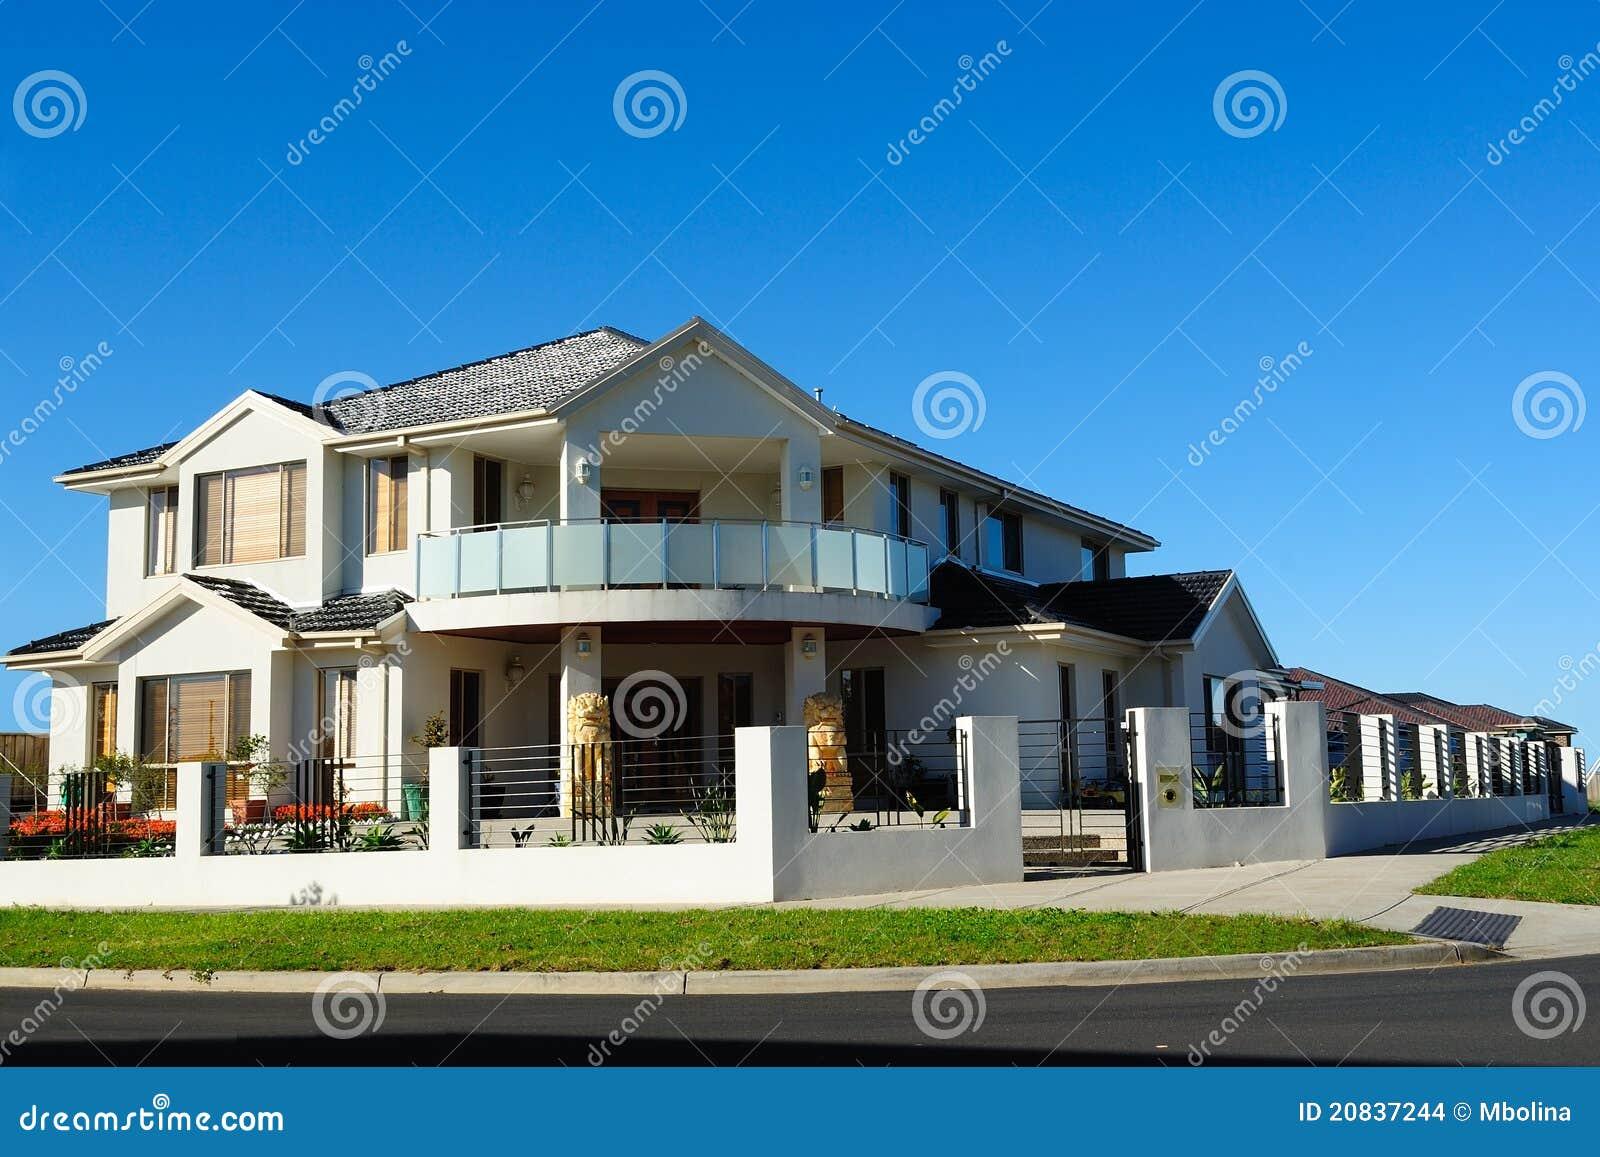 Het mooie huis van de ontwerper stock afbeeldingen afbeelding 20837244 - Mooie huis foto ...